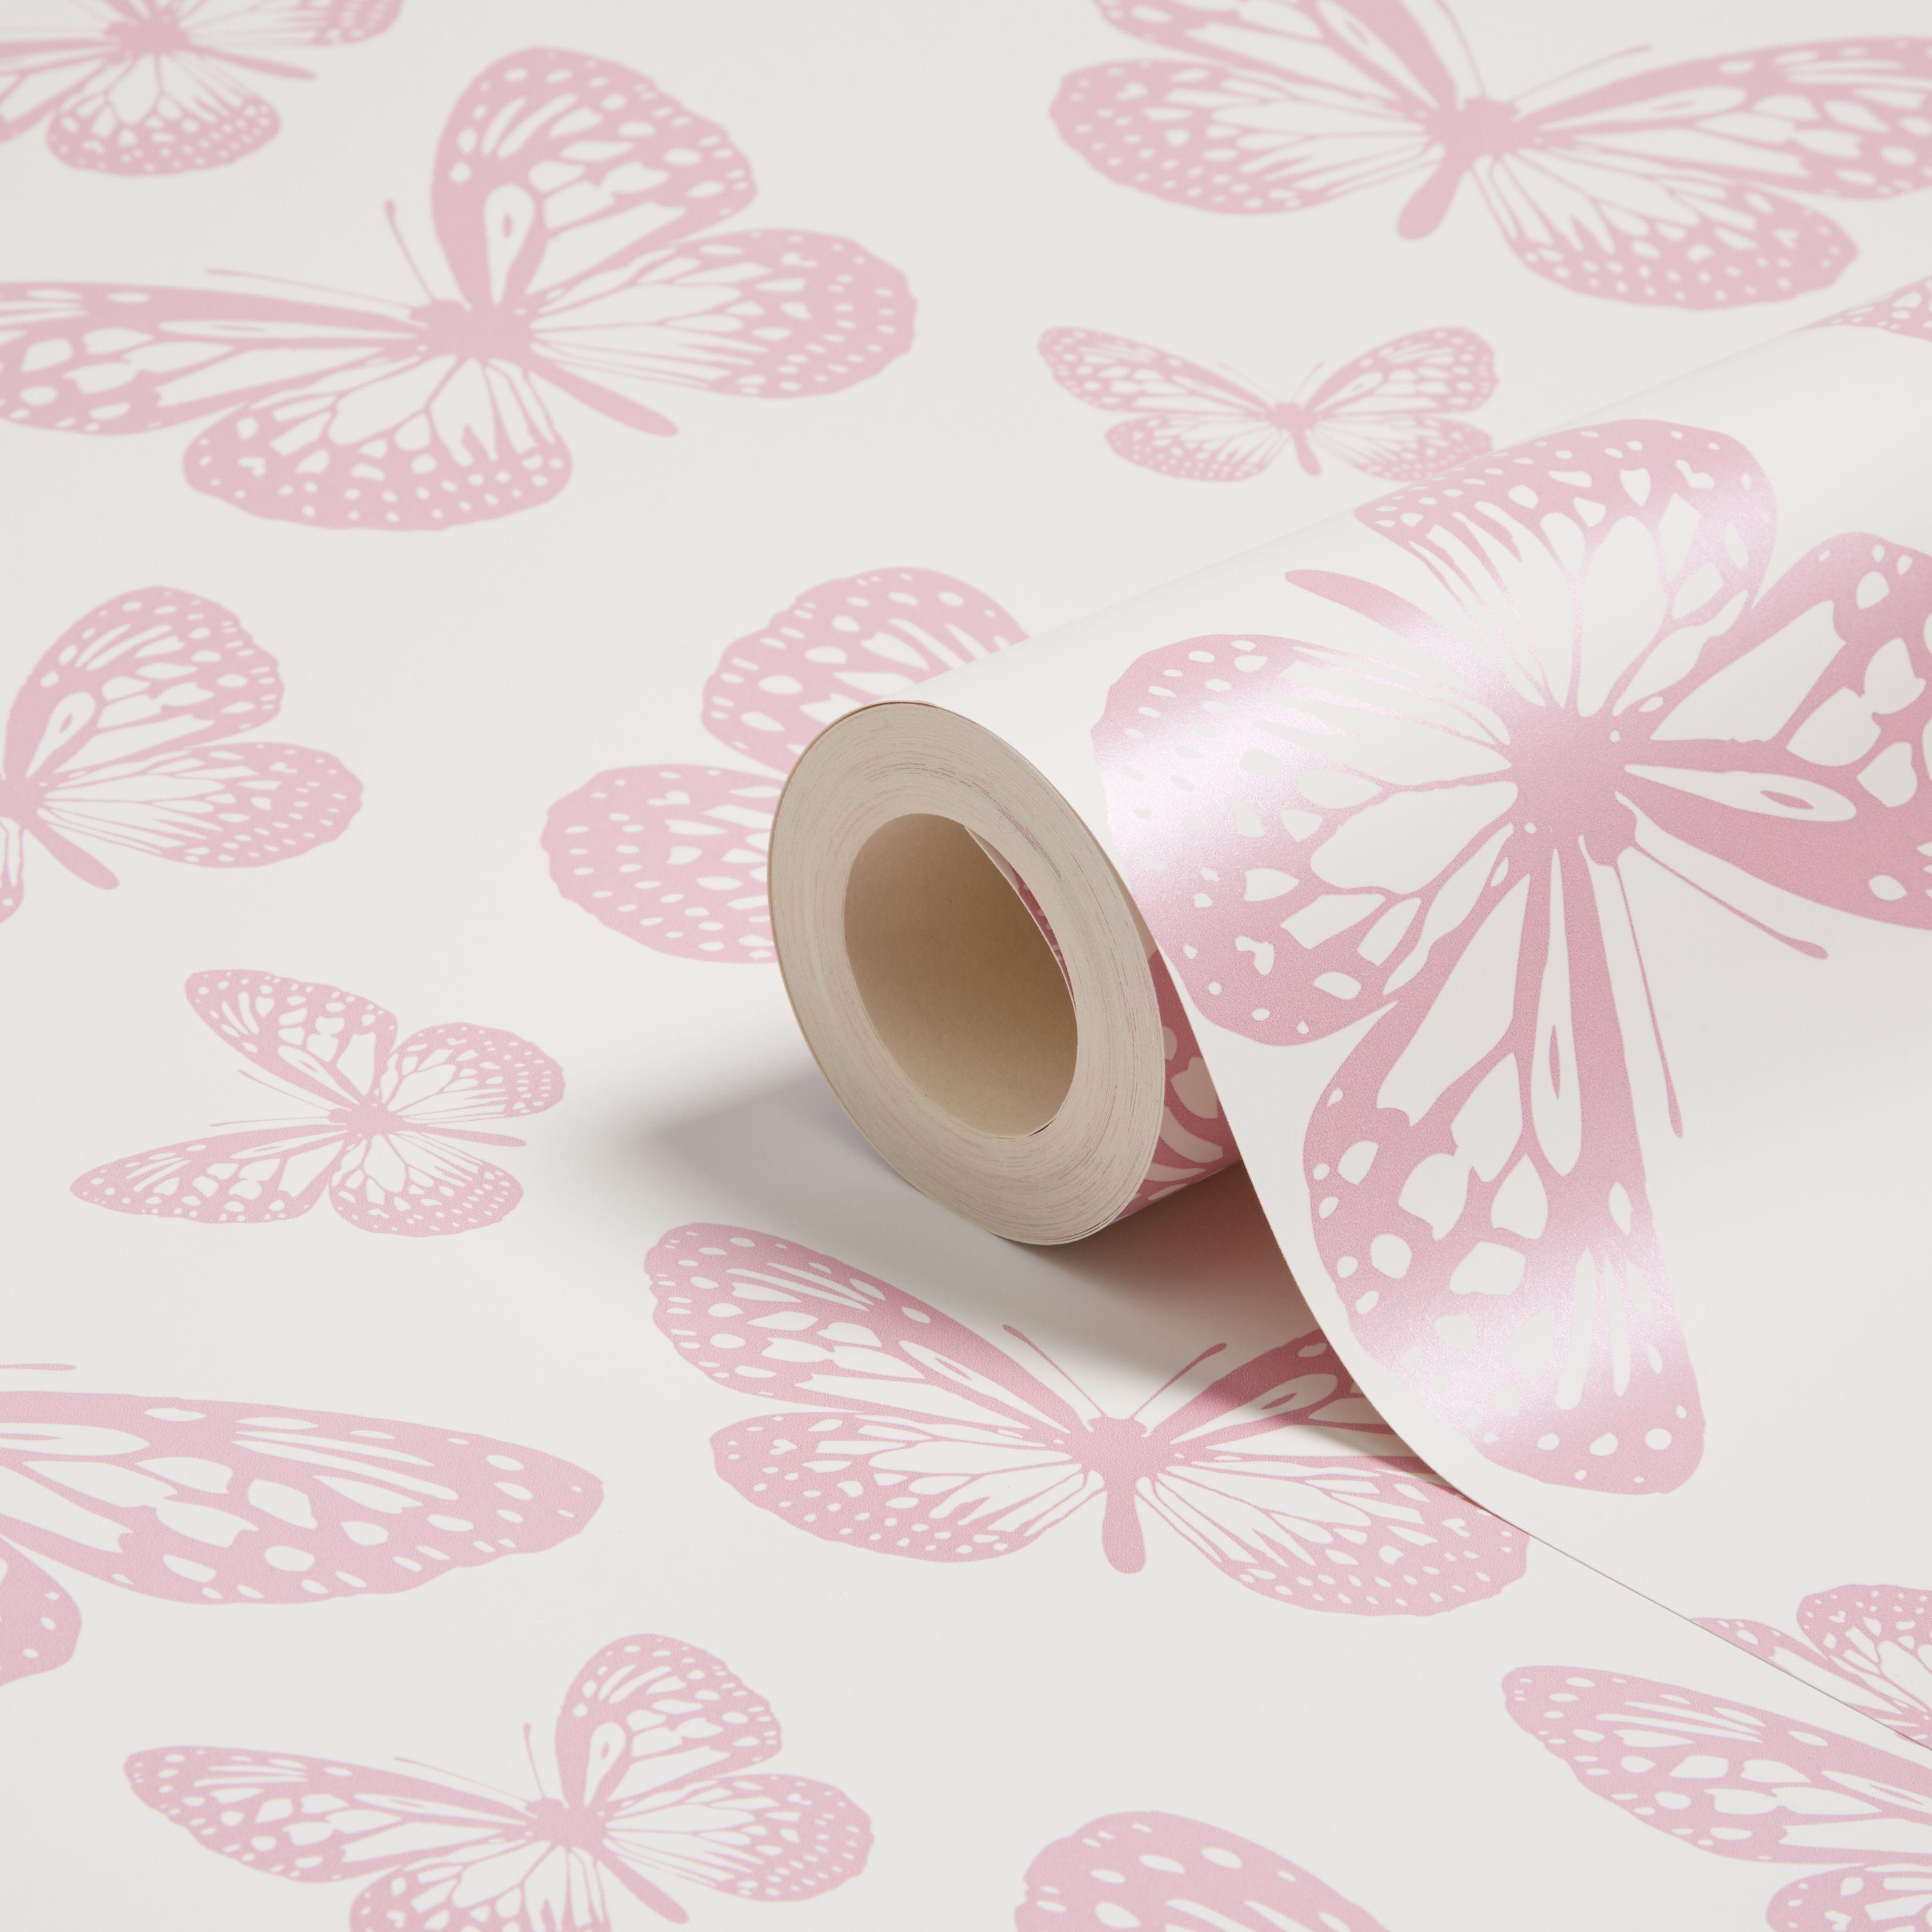 Fine Decor Fun4walls Pink White Butterflies Mica Highlight